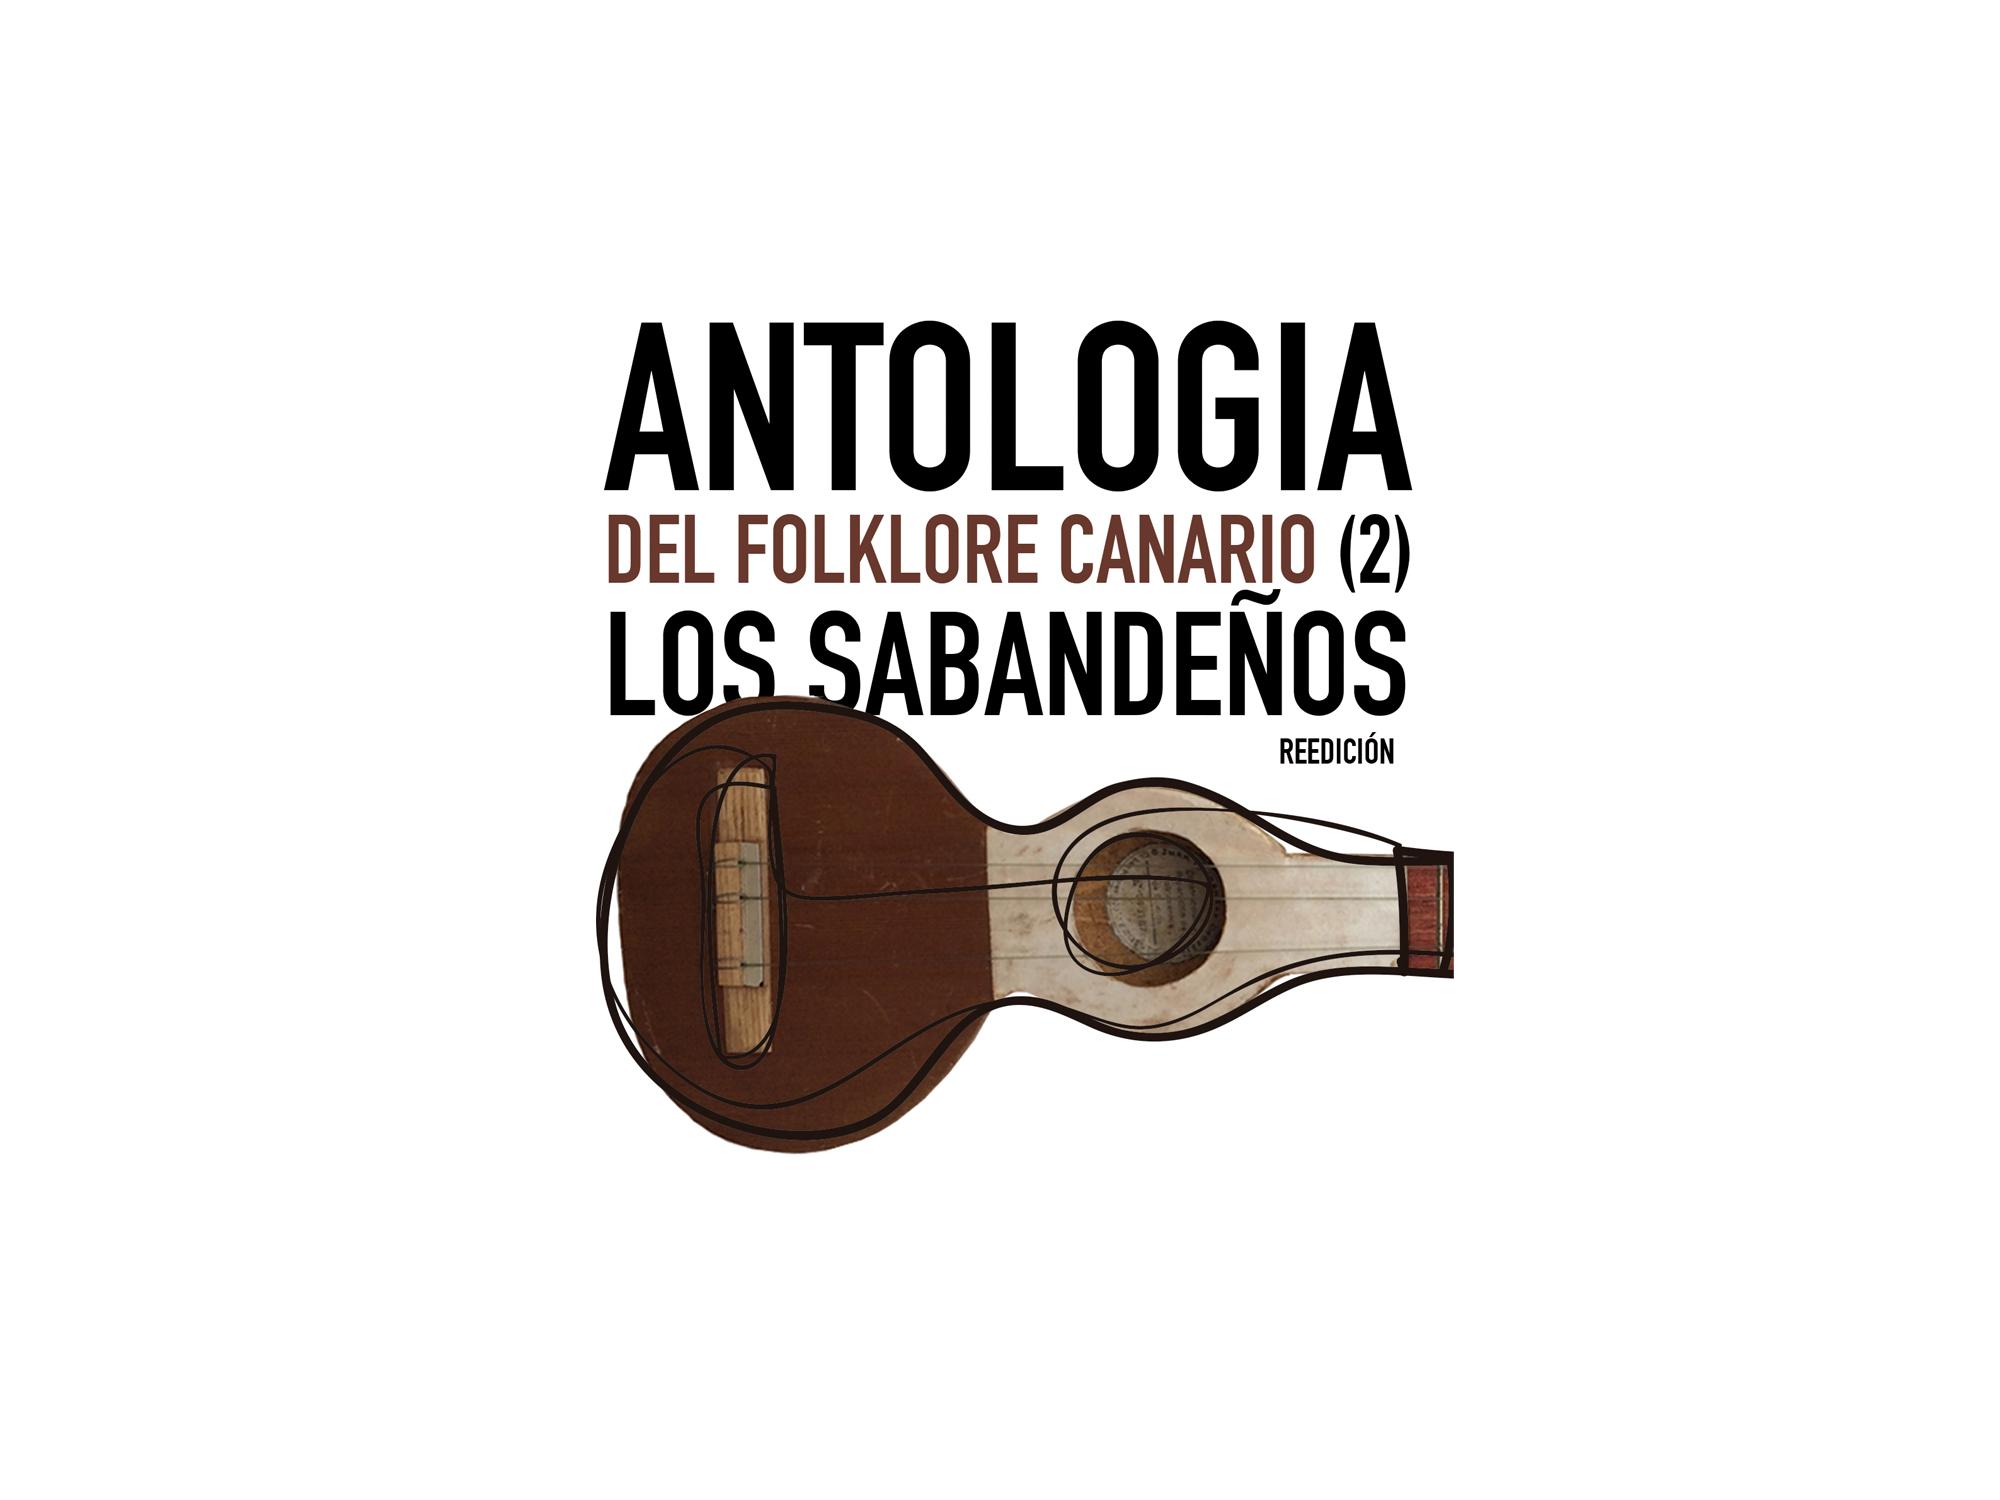 Antologia_2